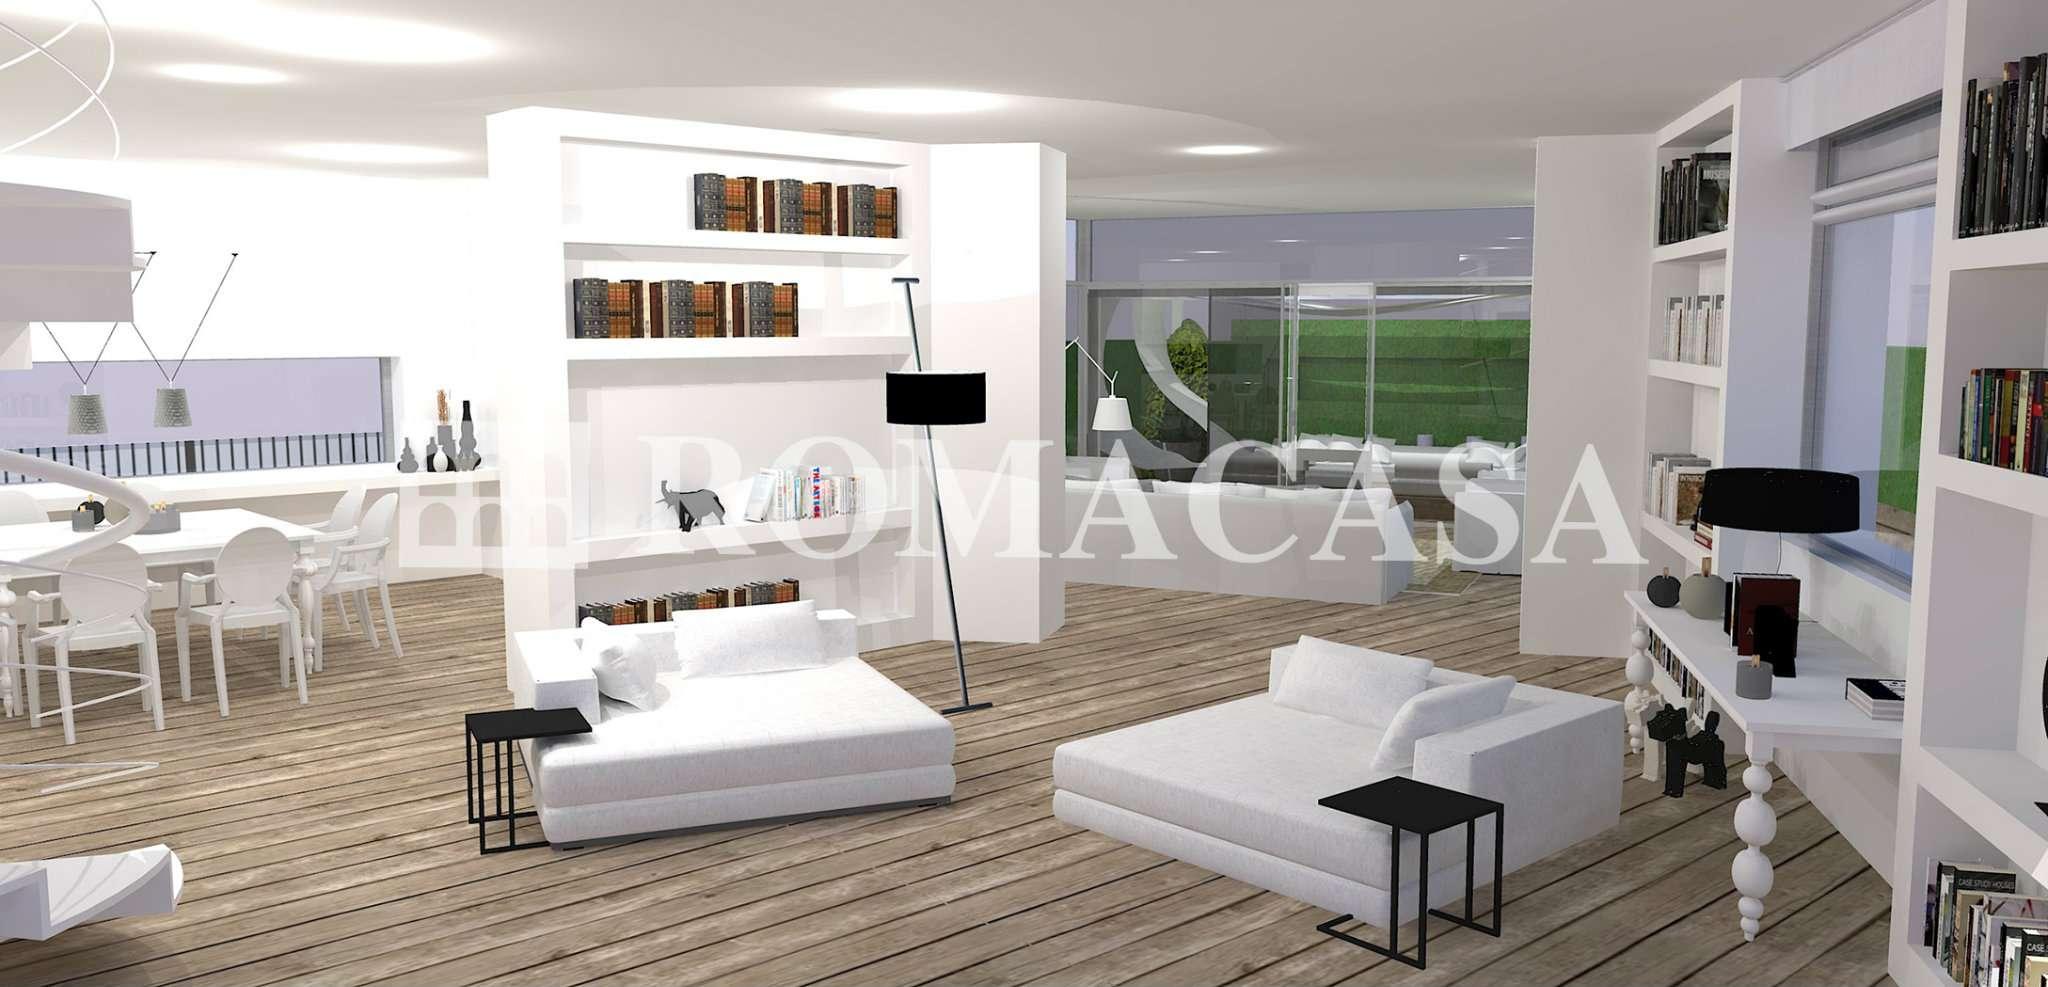 Attico / Mansarda in vendita a Roma, 10 locali, zona Zona: 32 - Fleming, Vignaclara, Monte Milvio, prezzo € 1.580.000 | CambioCasa.it